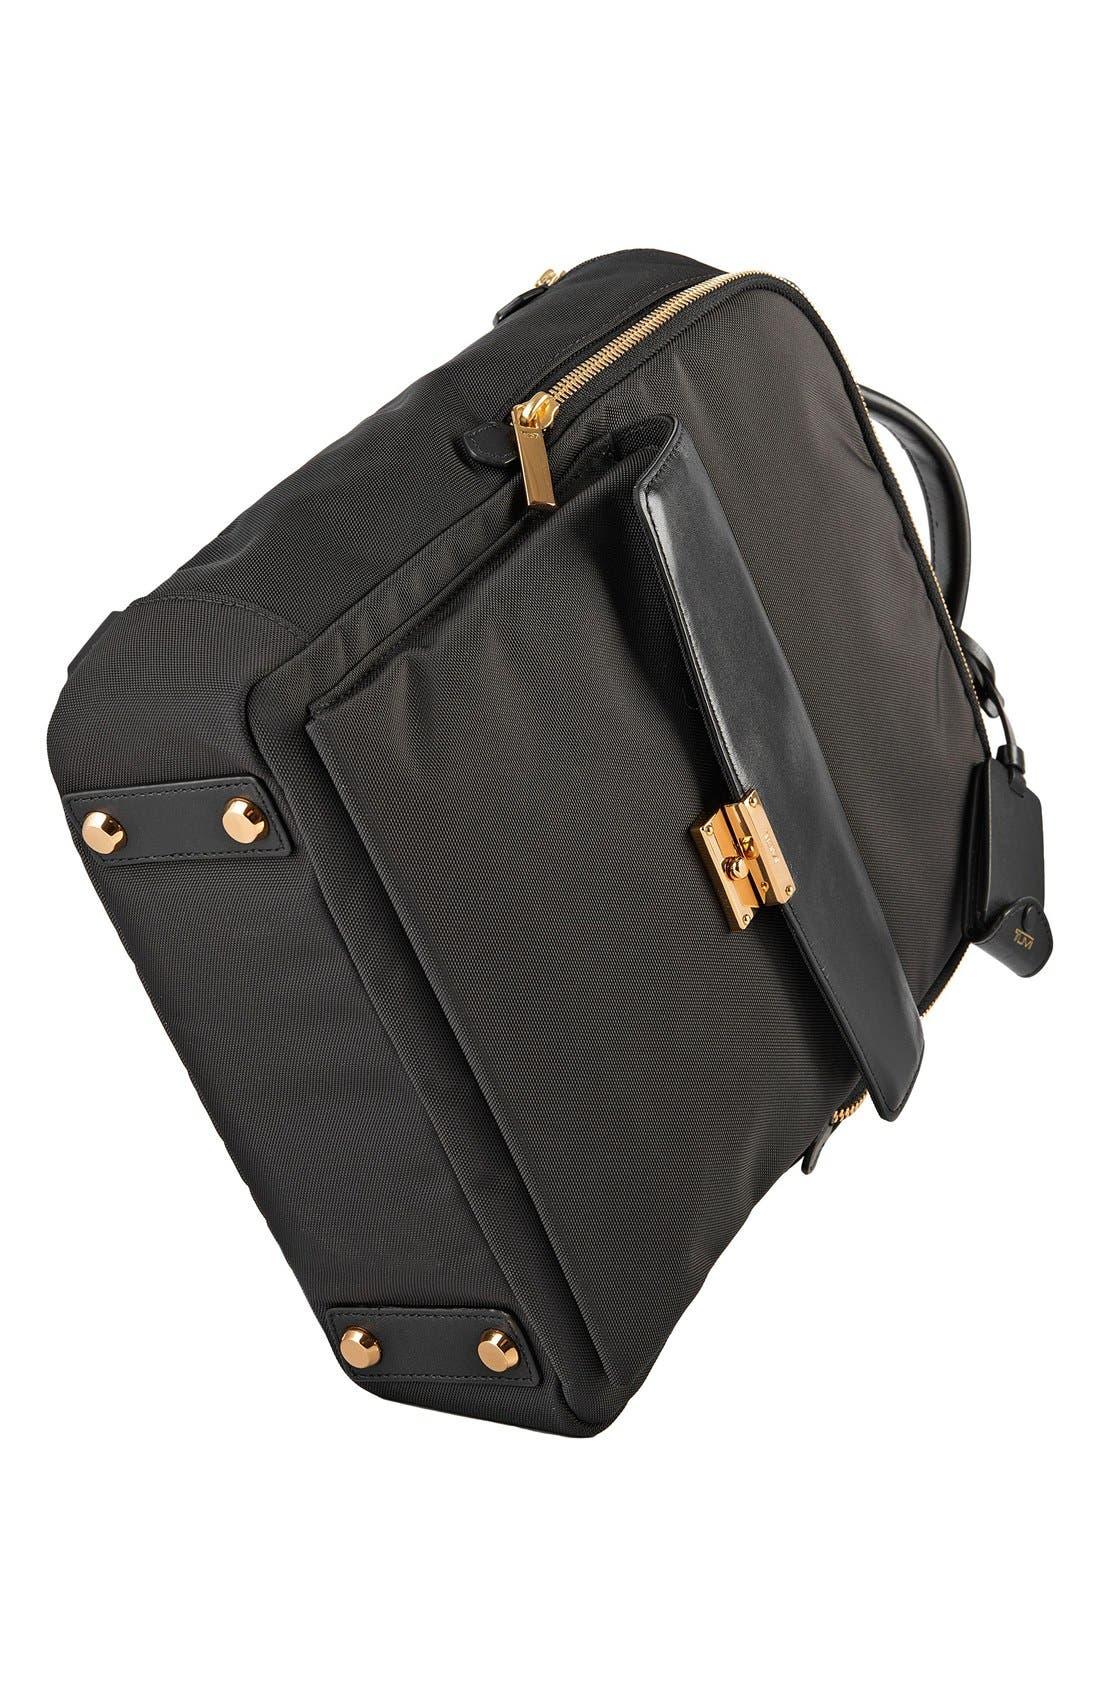 'Larkin Laurel' Nylon Commuter Backpack,                             Alternate thumbnail 3, color,                             001